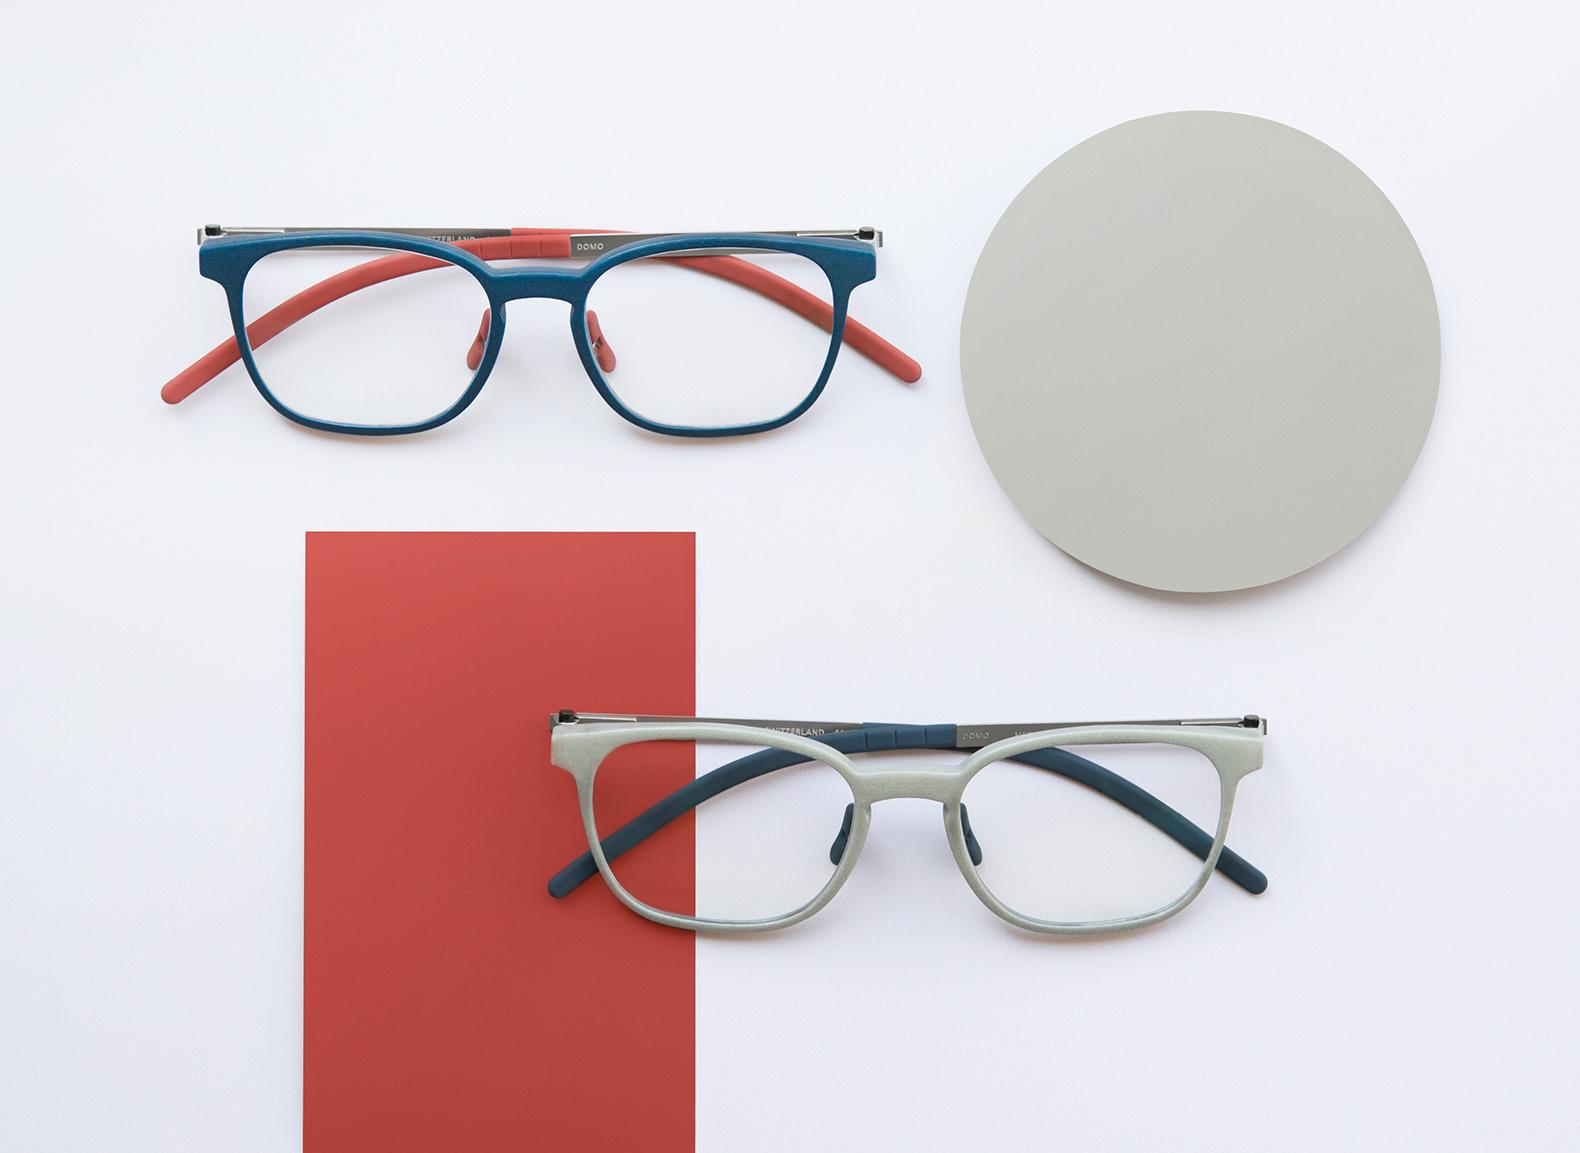 GÖTTI's Brillen für die nächste Generation